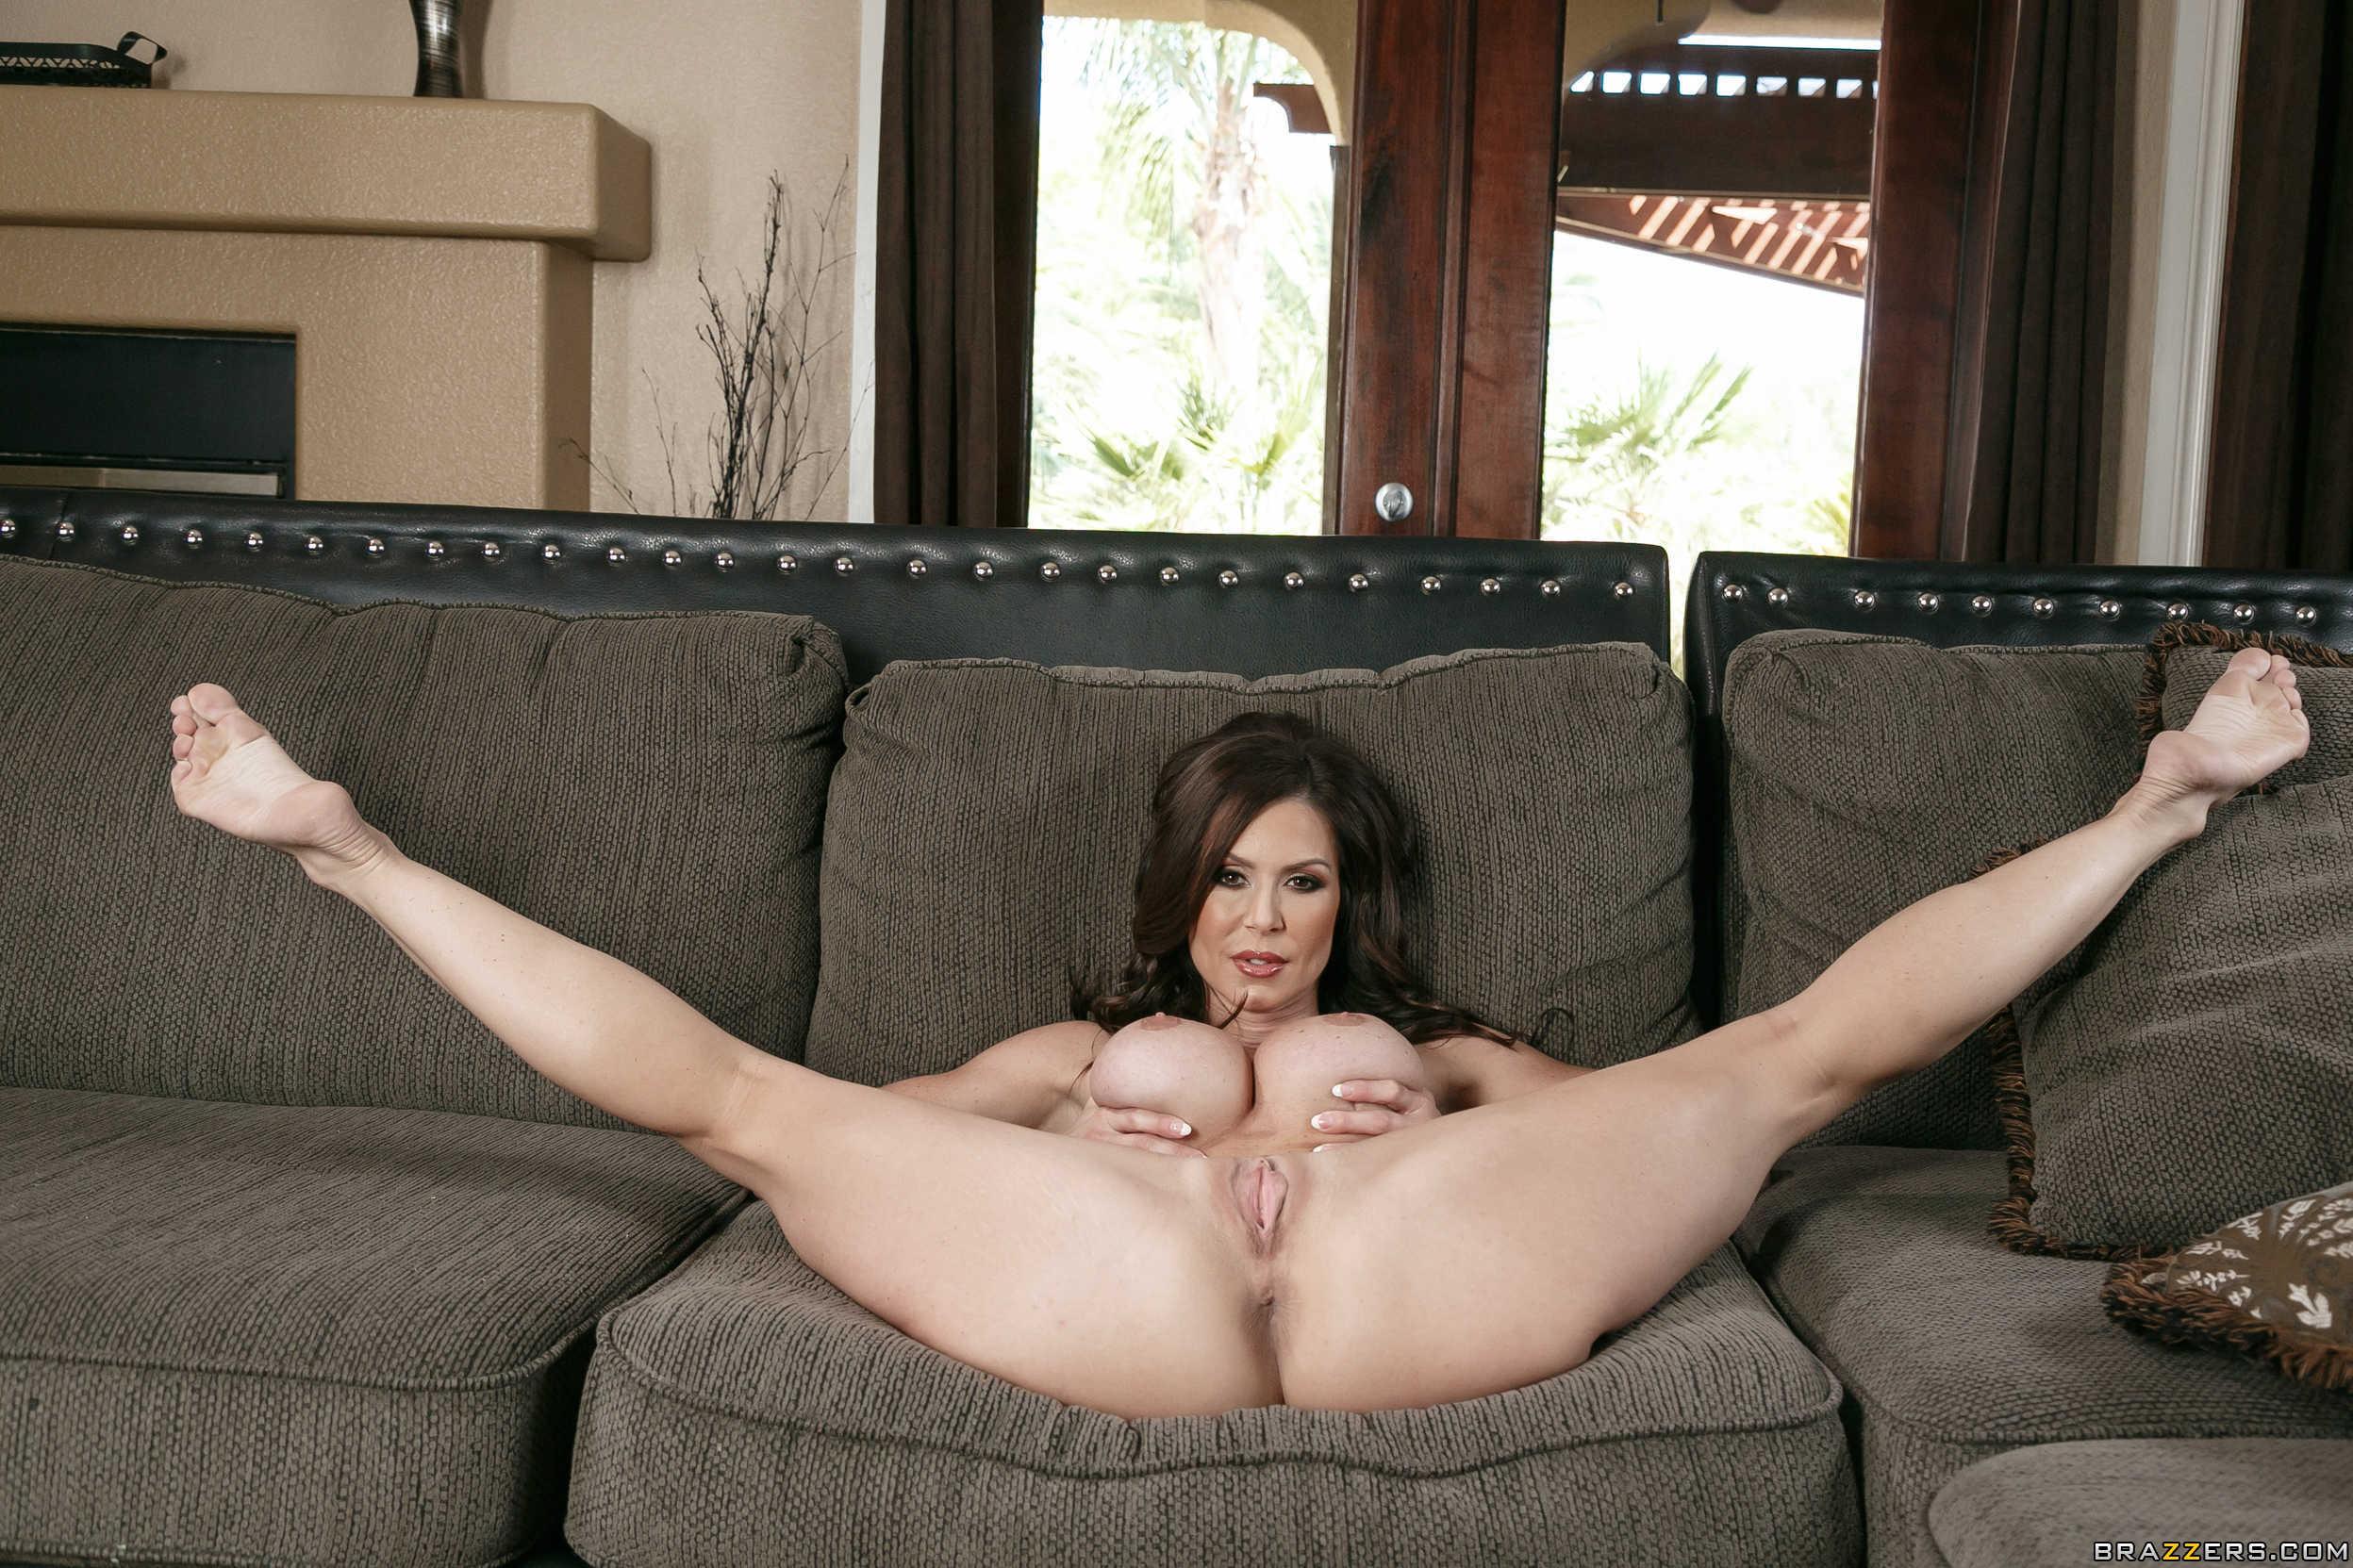 Nude girl legs spread open